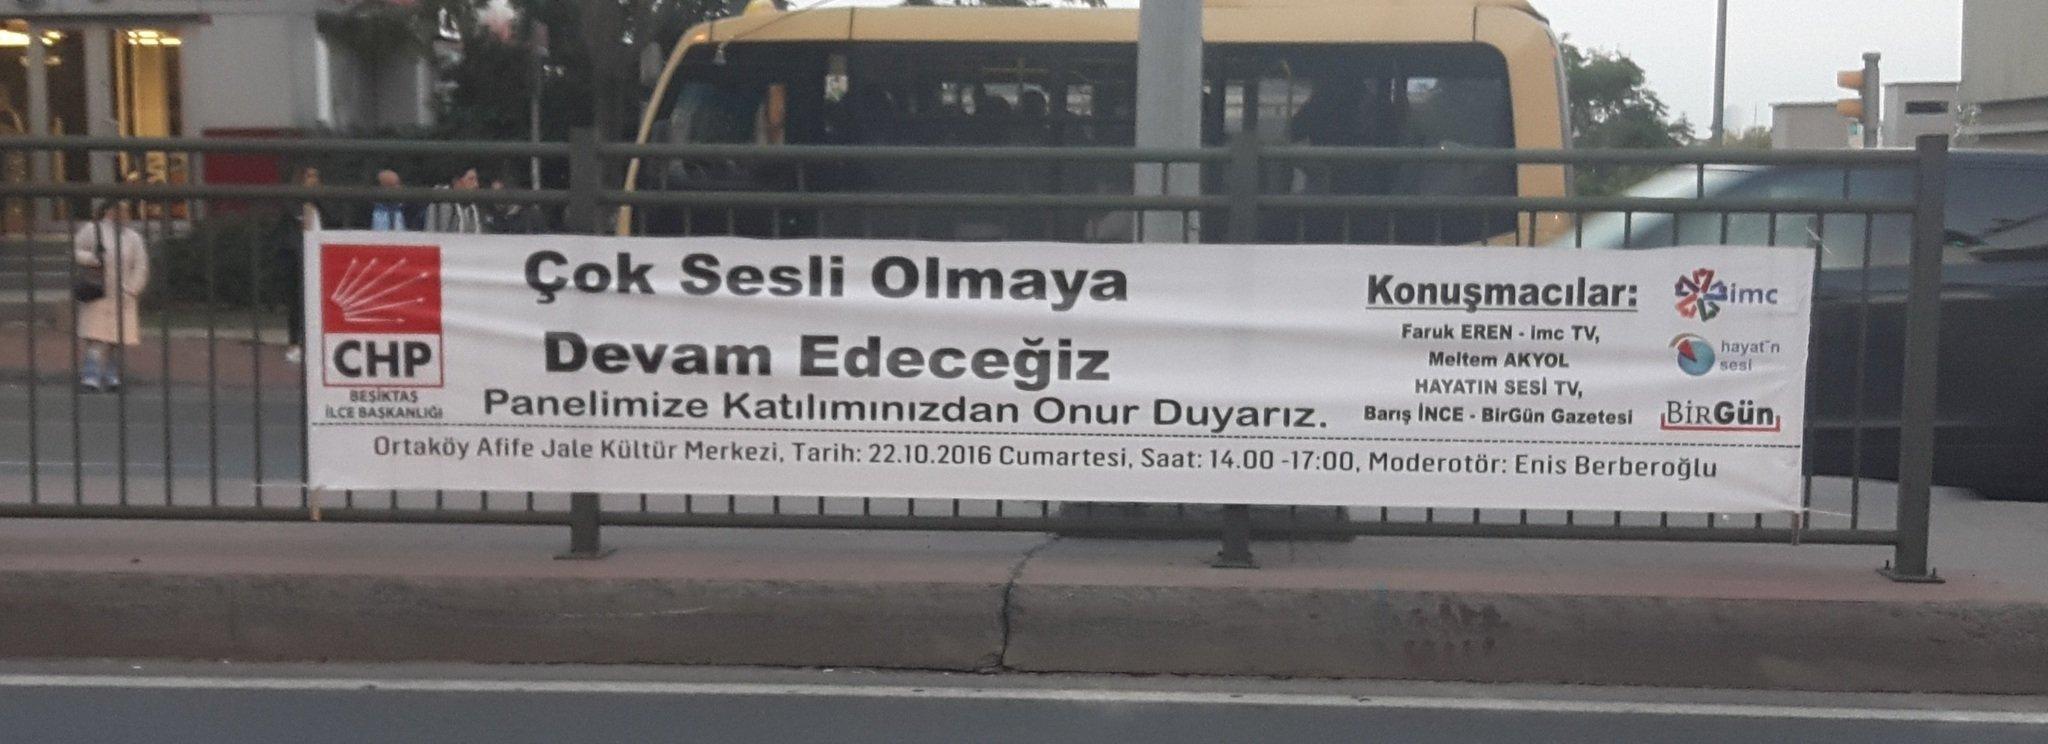 CHP'nin sponsoru PKK'nın sesi